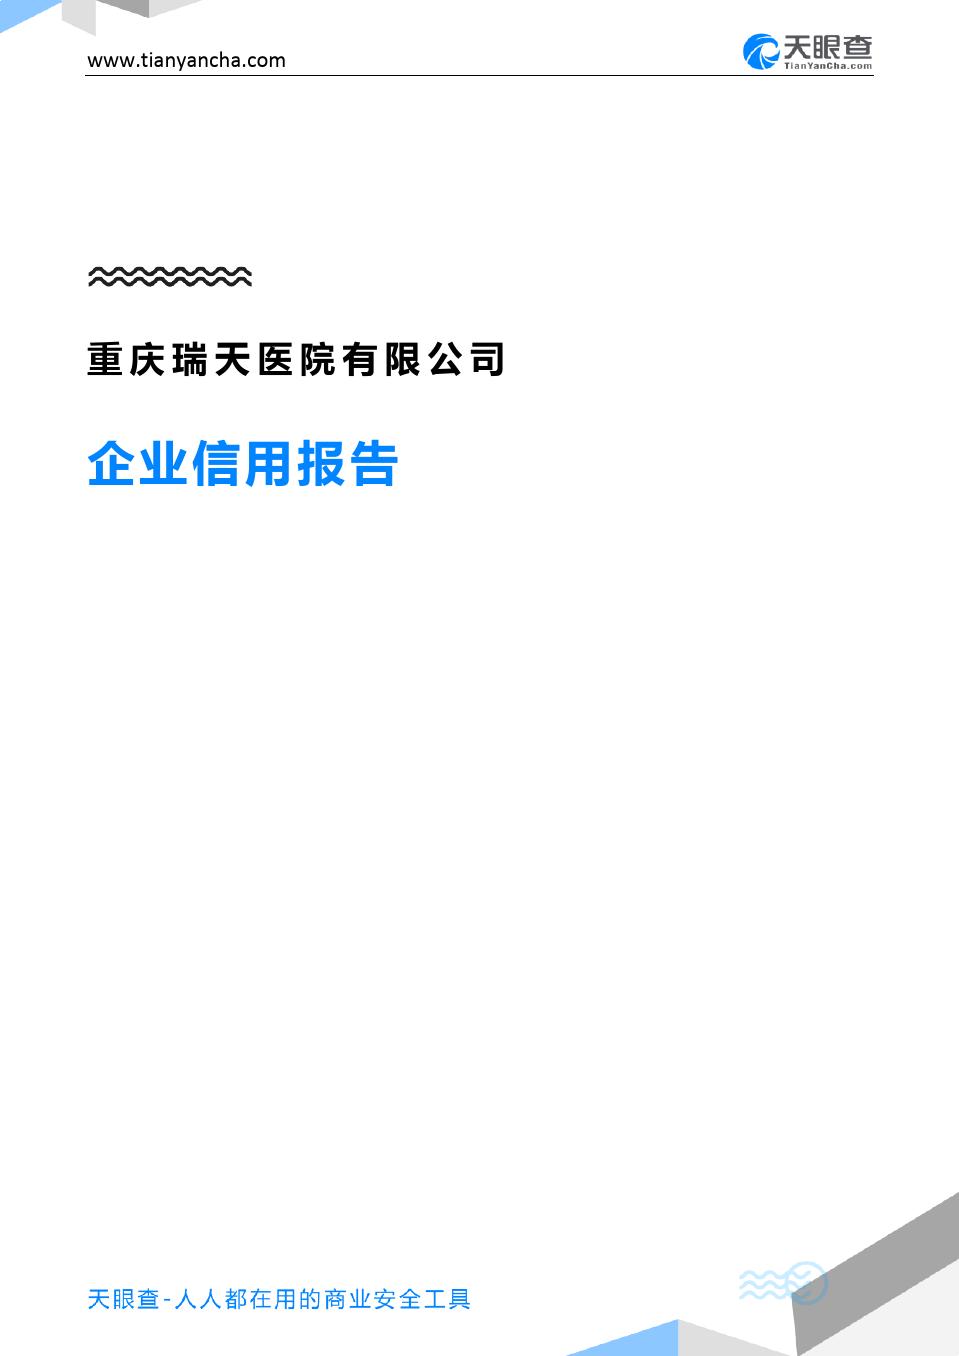 重庆瑞天医院有限公司(企业信用报告)- 天眼查